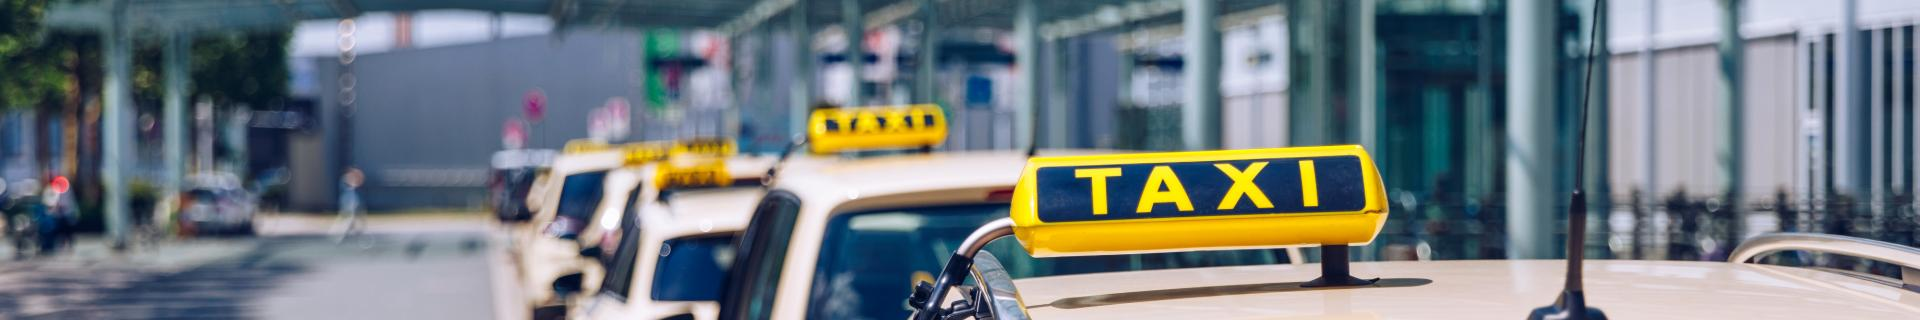 Mentions légales du site Alliance taxi. Service de taxi près d'Albi dans le Tarn